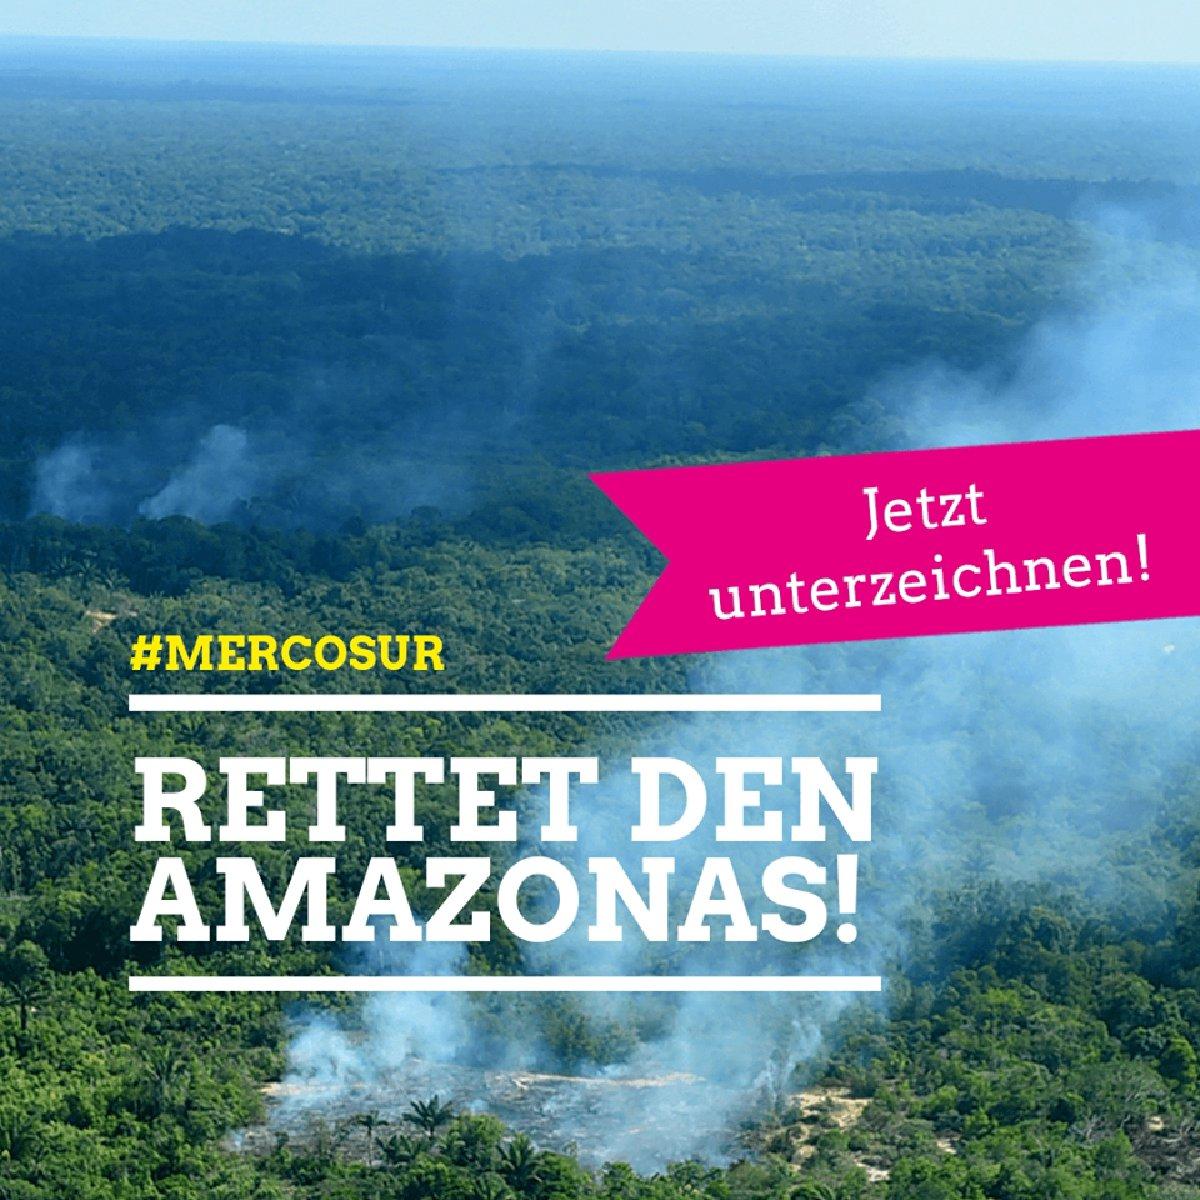 Rettet den Amazonas